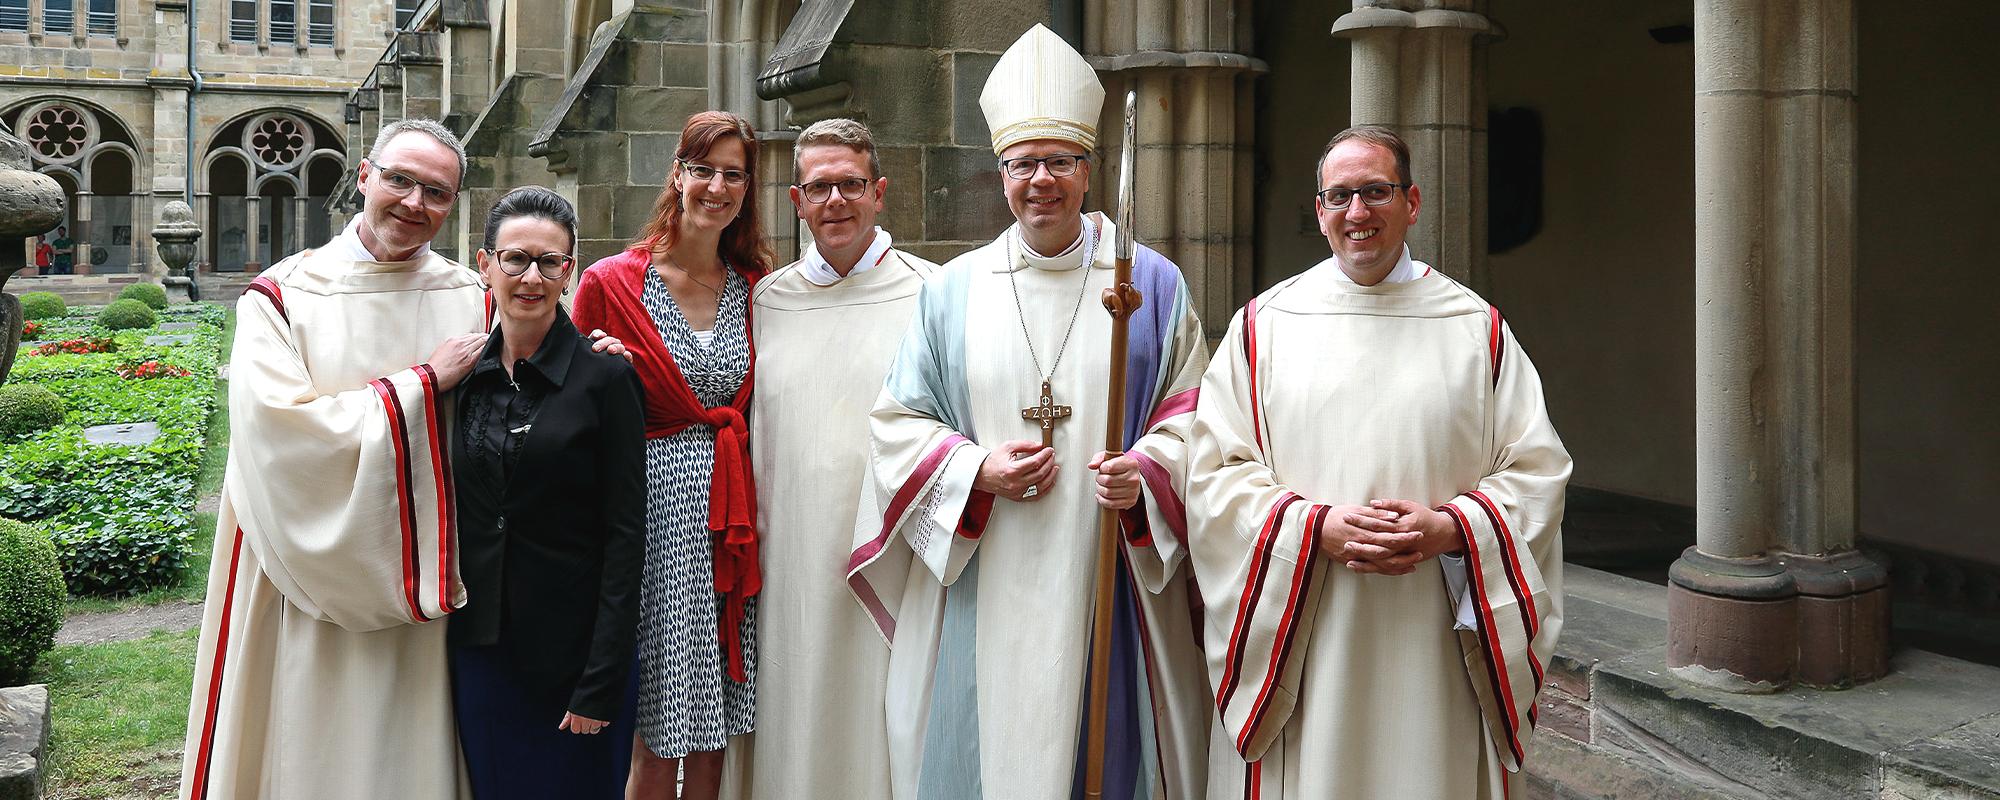 Bischof Dr. Stefan Ackermann steht mit 3 neugeweihten Diakonen und deren Ehefrauen im Kreuzgang zum Gruppenfoto zusammen.